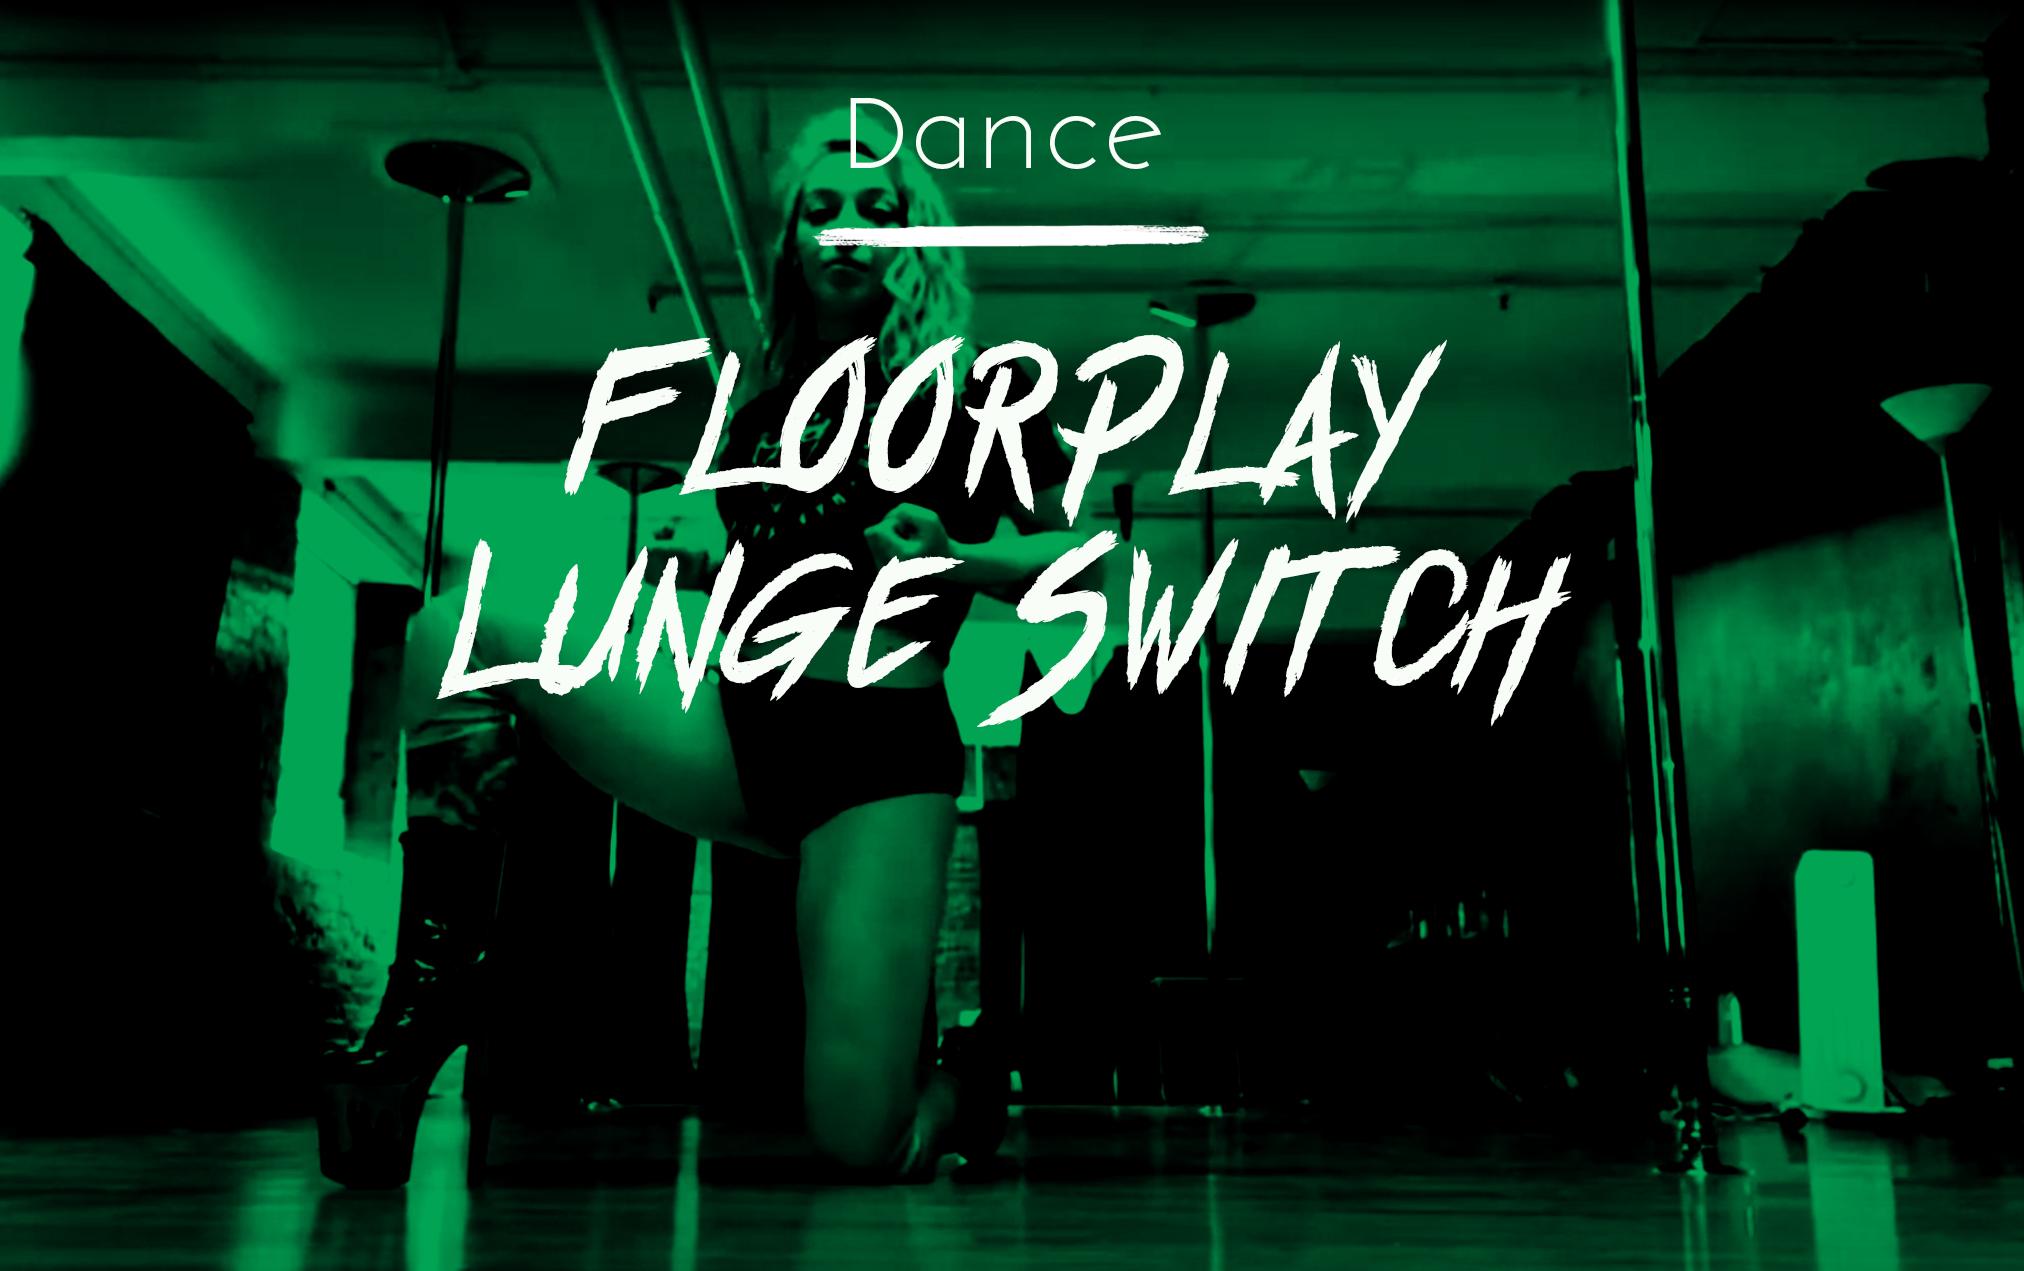 Floor Switch